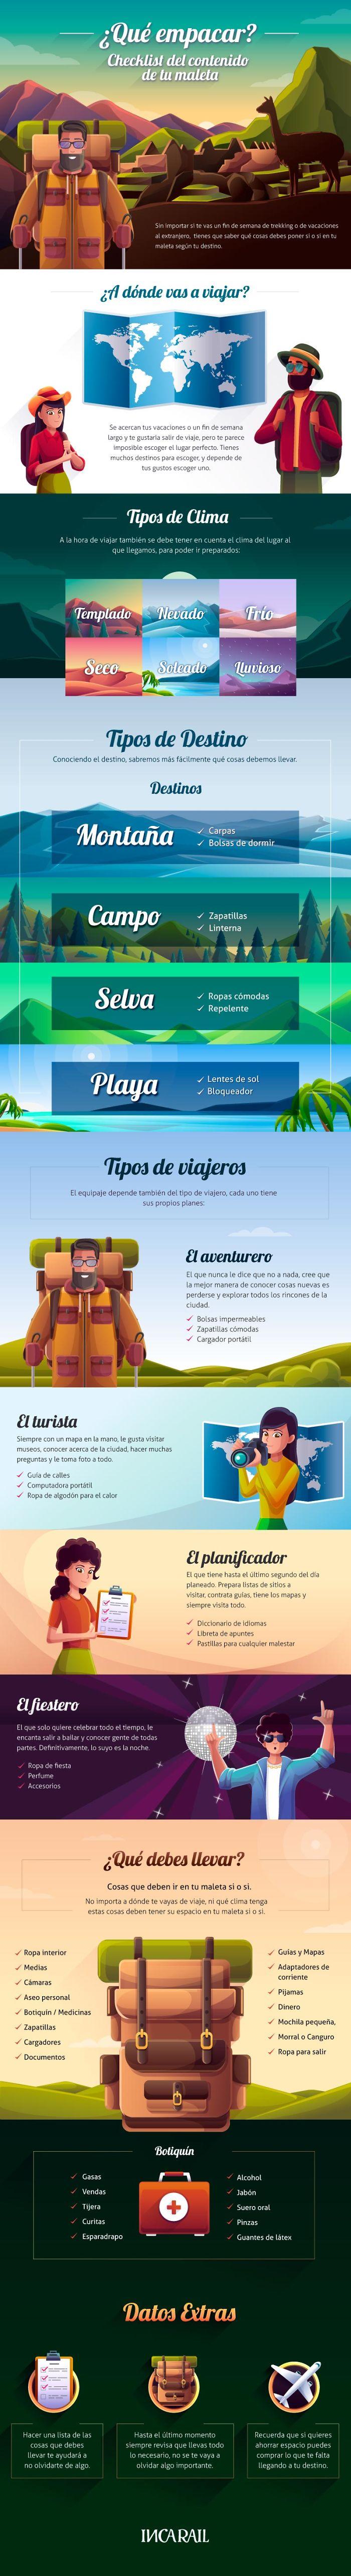 El Checklist Definitivo Para Empacar Para Tus Viajes